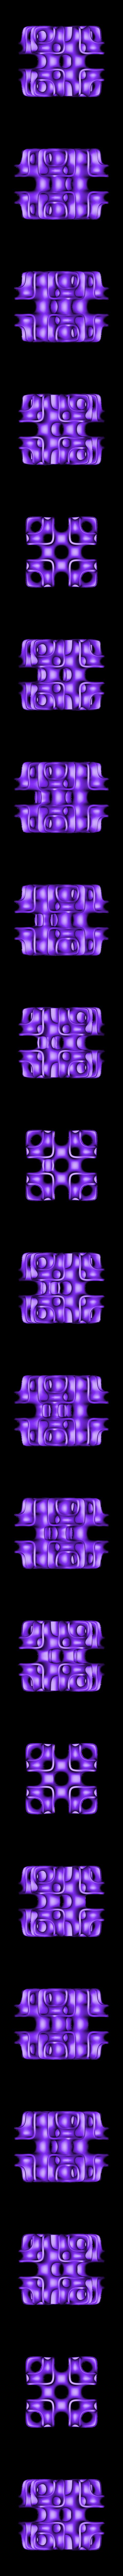 cubic_lattice.STL Télécharger fichier STL gratuit Treillis cubique • Design imprimable en 3D, O3D